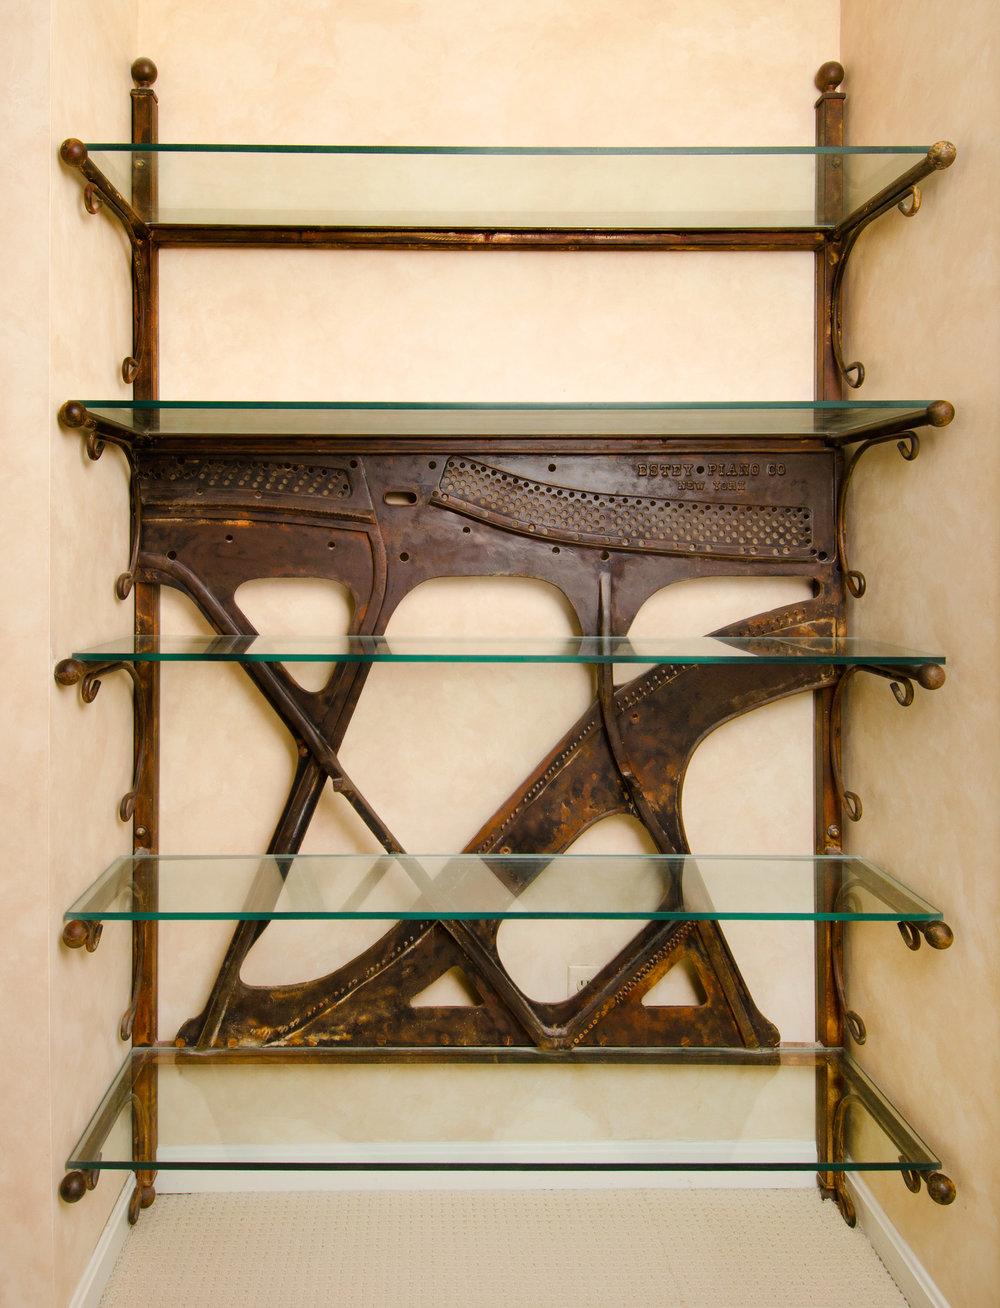 Rhythm Section Shelf